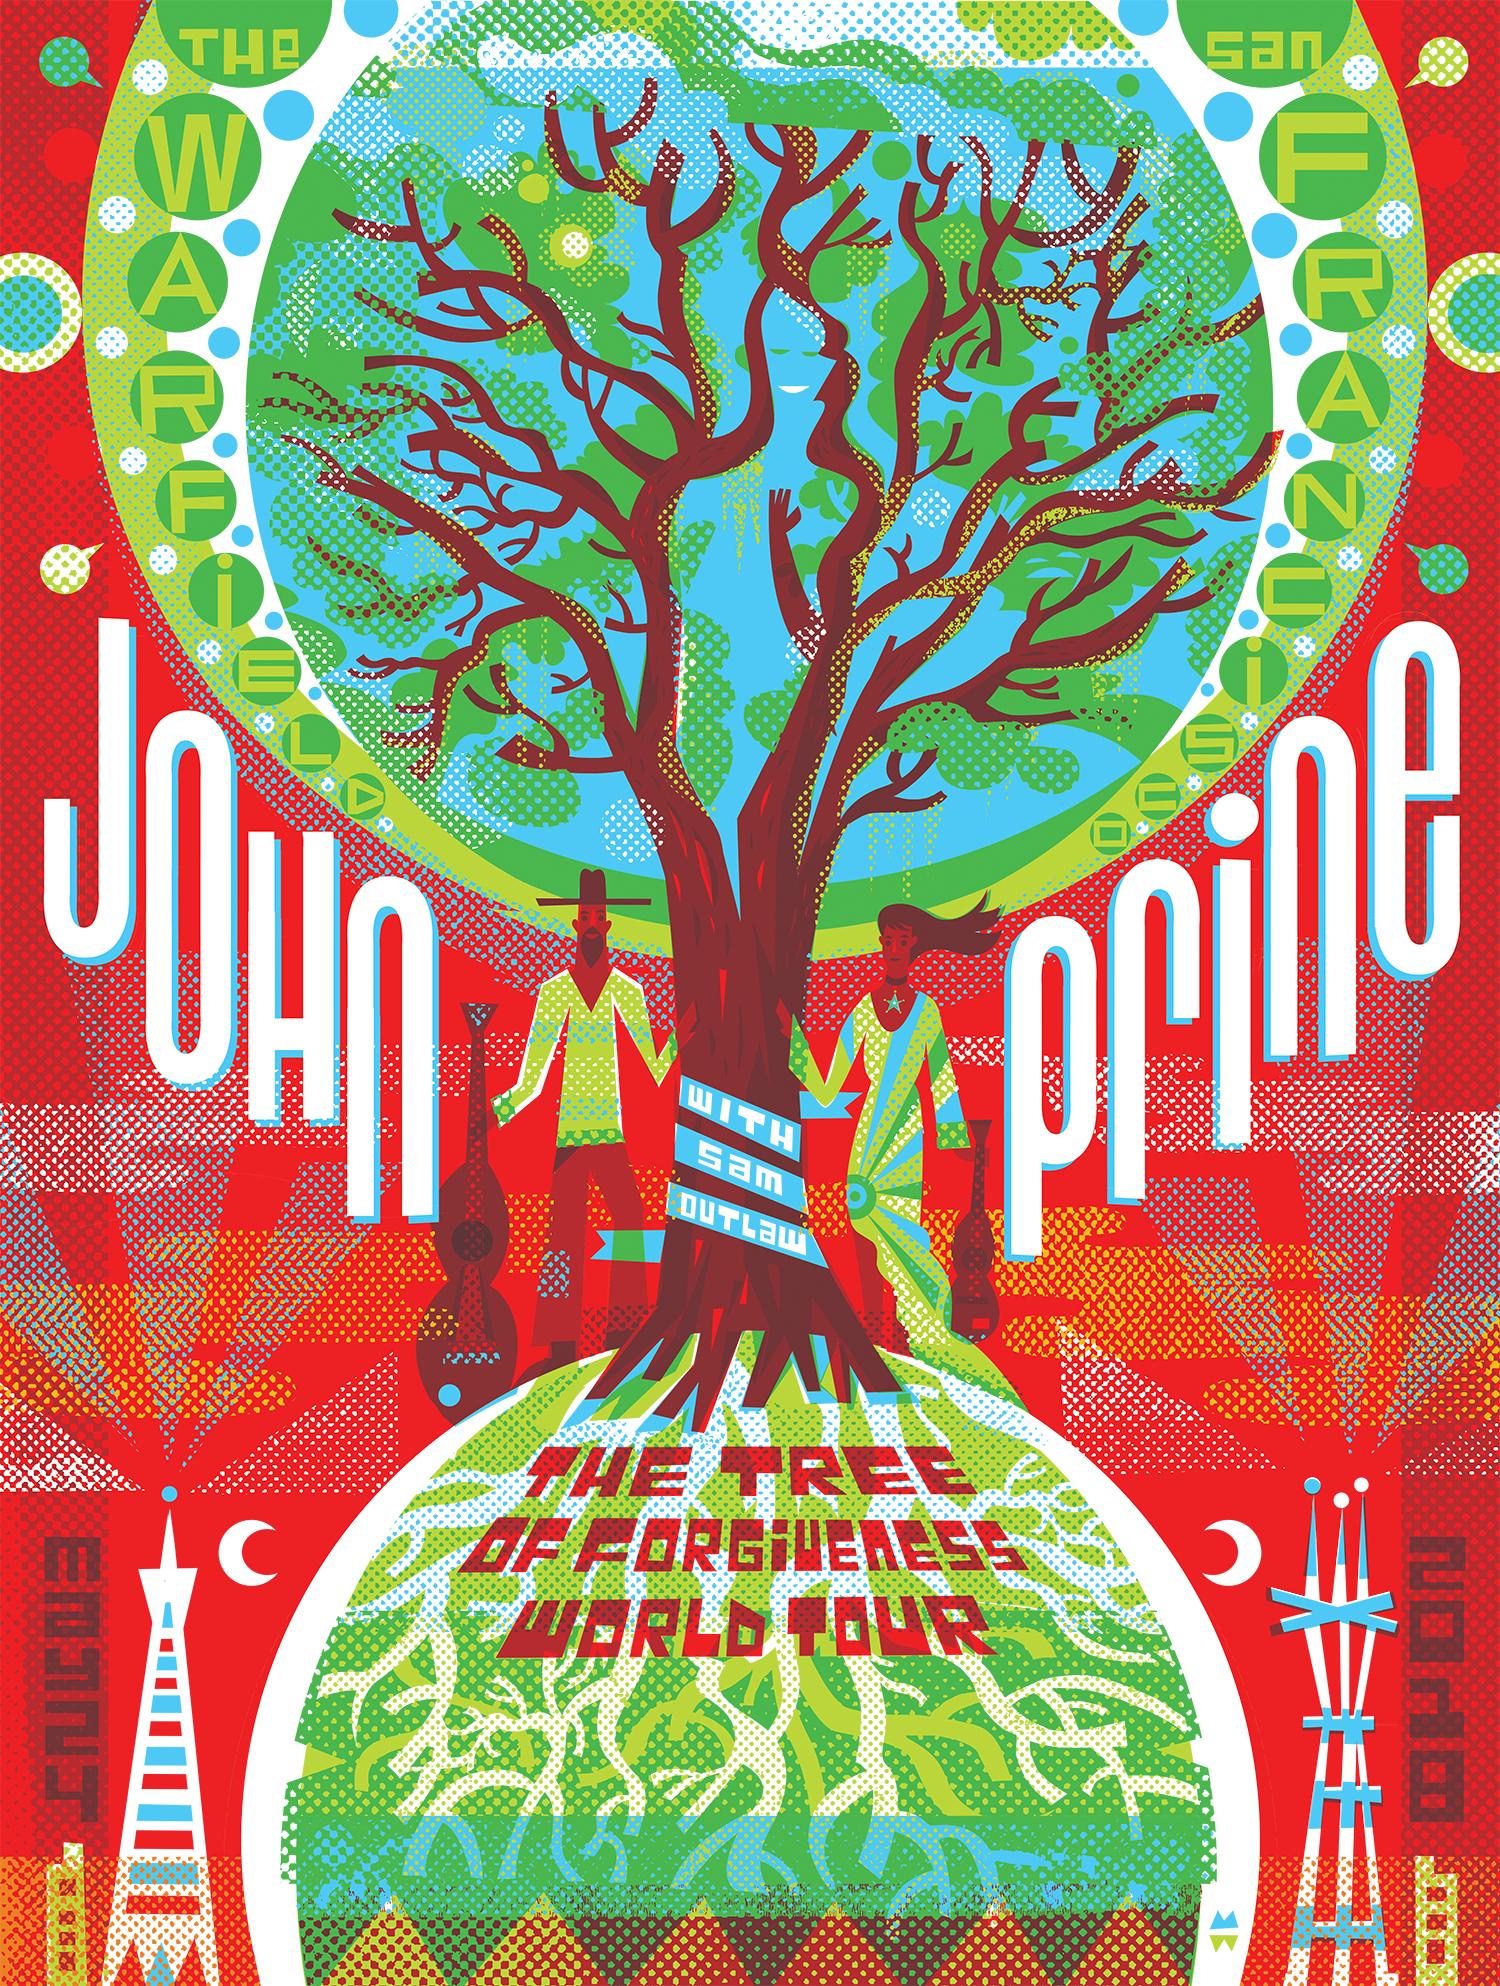 John Prine at the Warfield, San Francisco